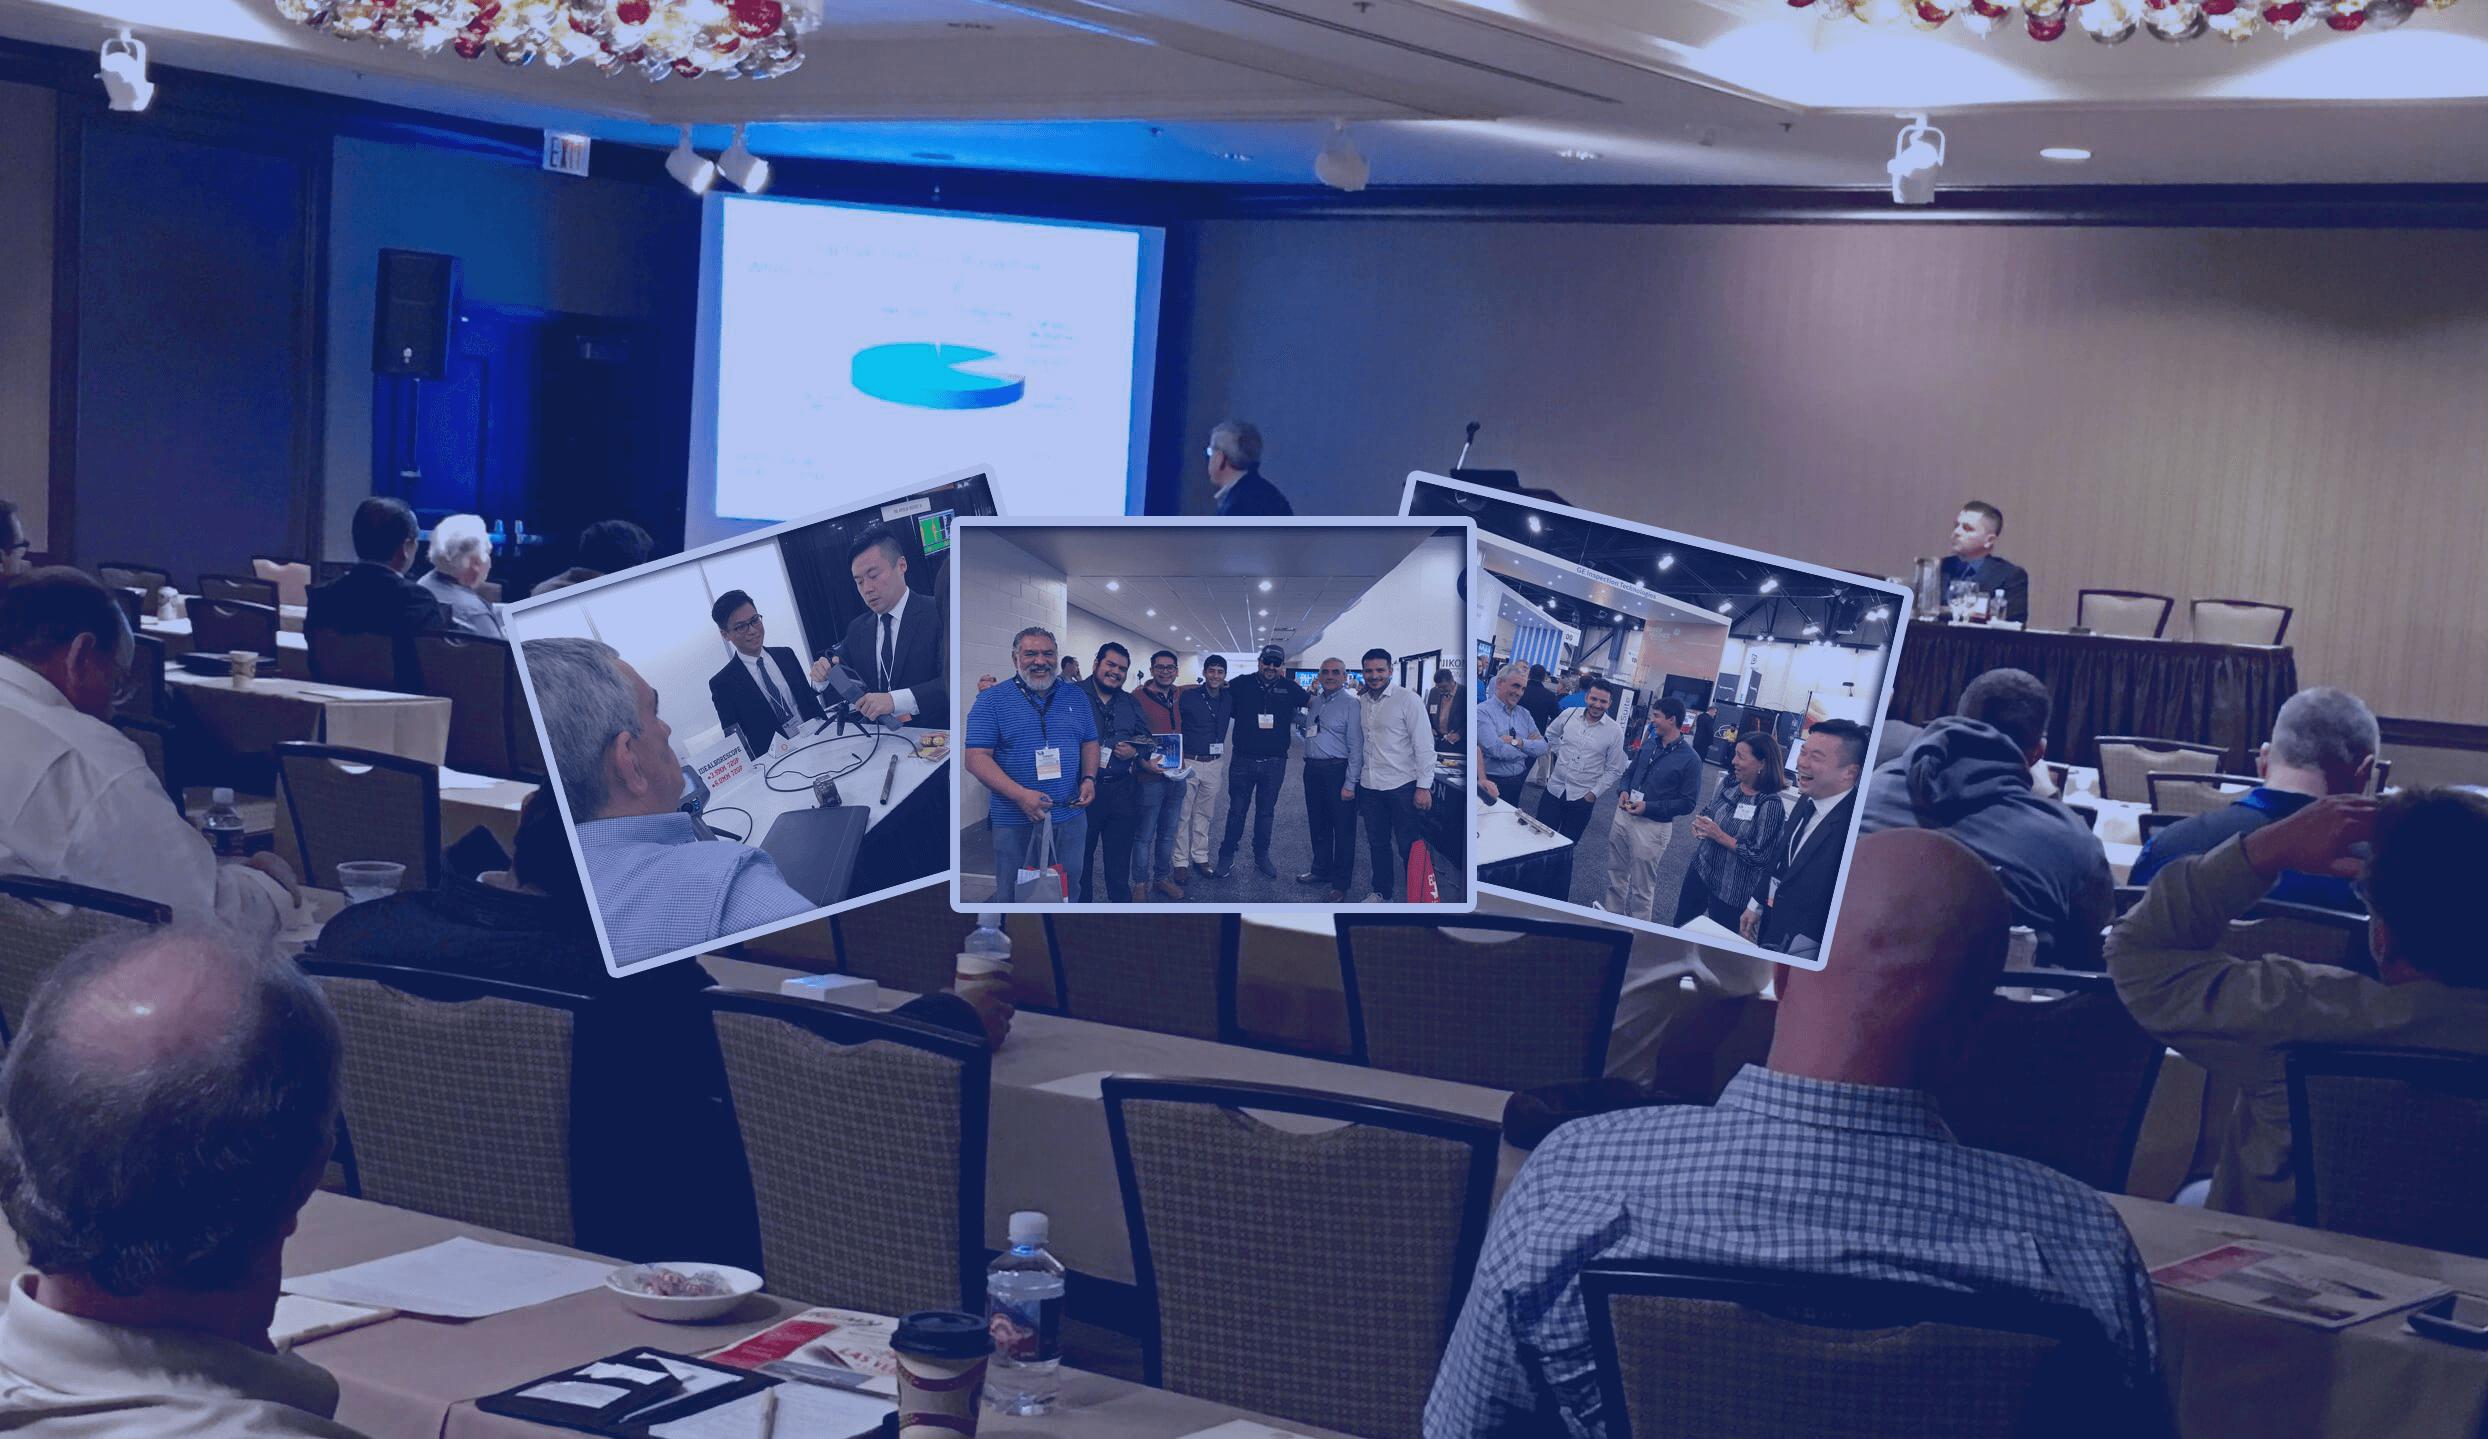 conferencia-asnt-2018-grupo-testek